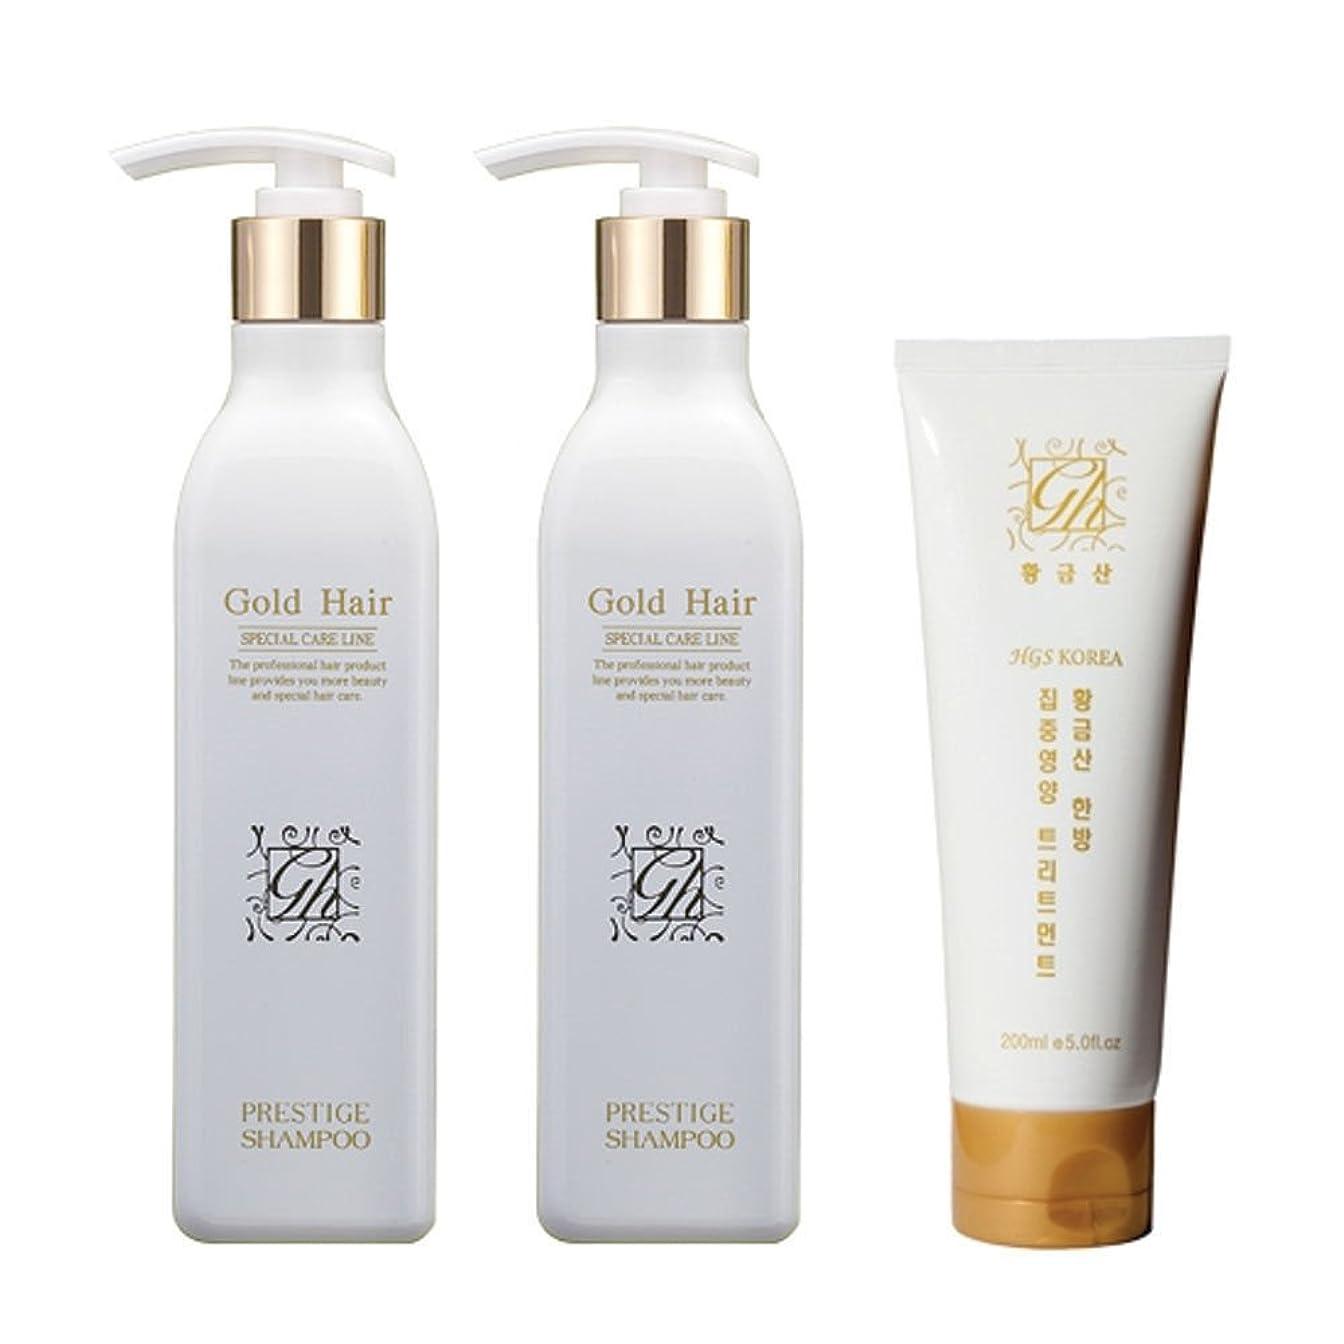 宿題タービンボードゴールドヘア 育毛ケア シャンプー 2個 &トリートメント 1個 漢方シャンプー 抜け毛ケア/Herbal Hair Loss Fast Regrowth Gold Hair Loss Shampoo x2ea Treatment x1ea Set[海外直送品] [並行輸入品]